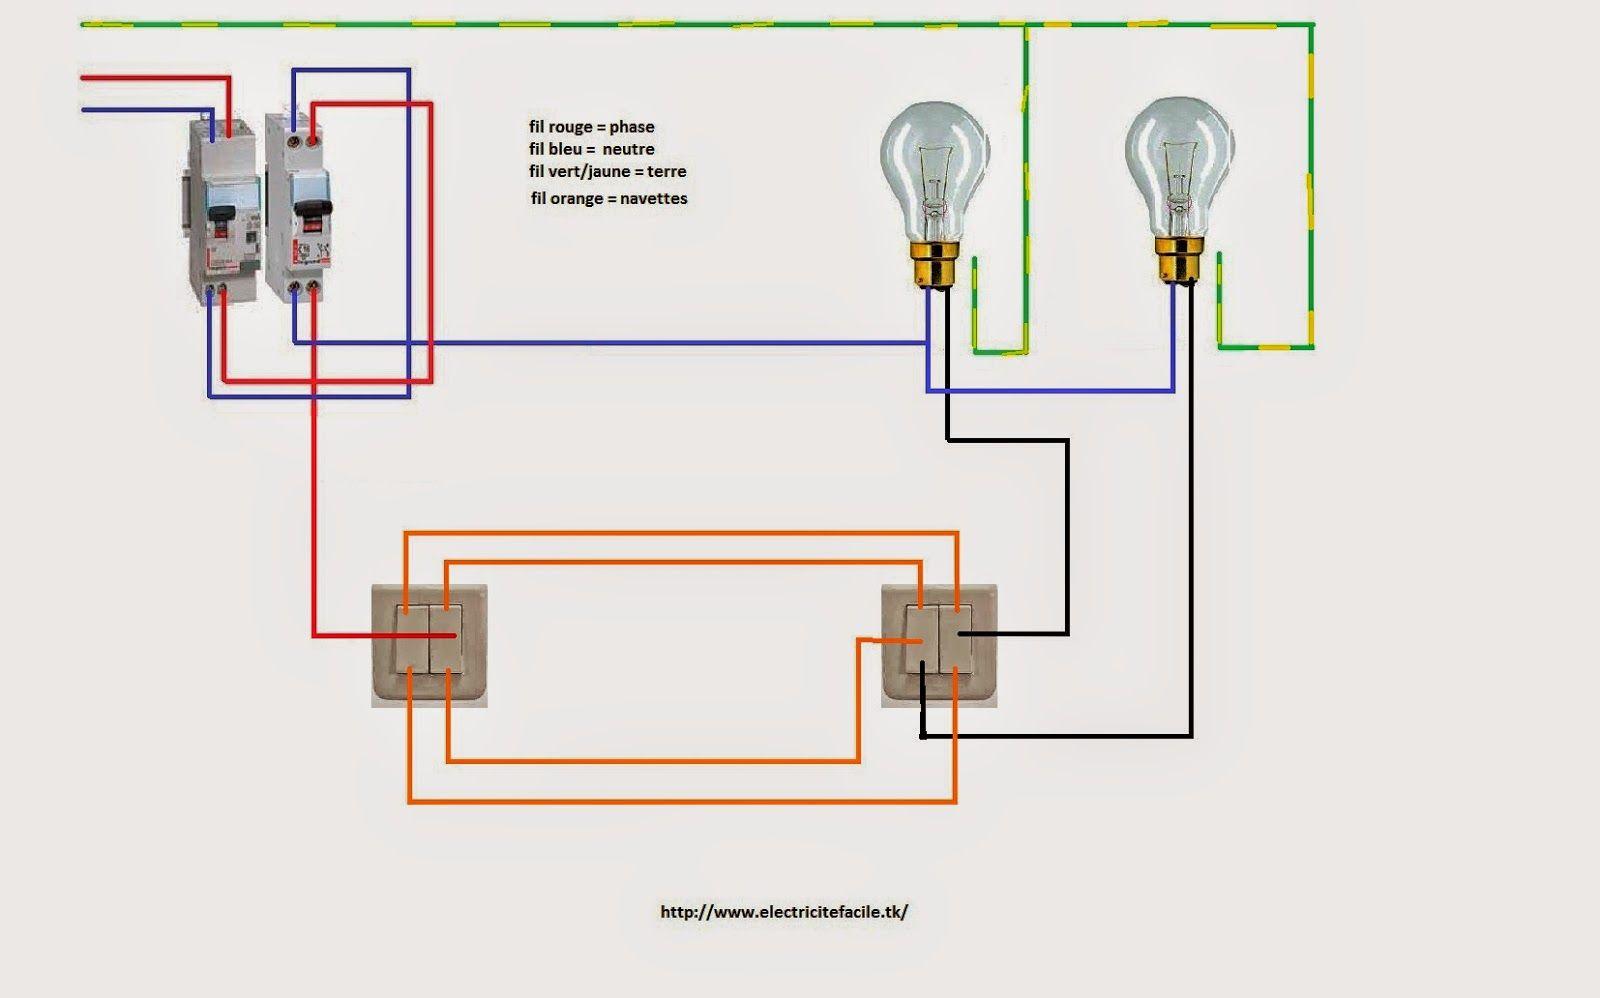 Installation Electrique Maison Schema Electrique Tableau Electrique Maison